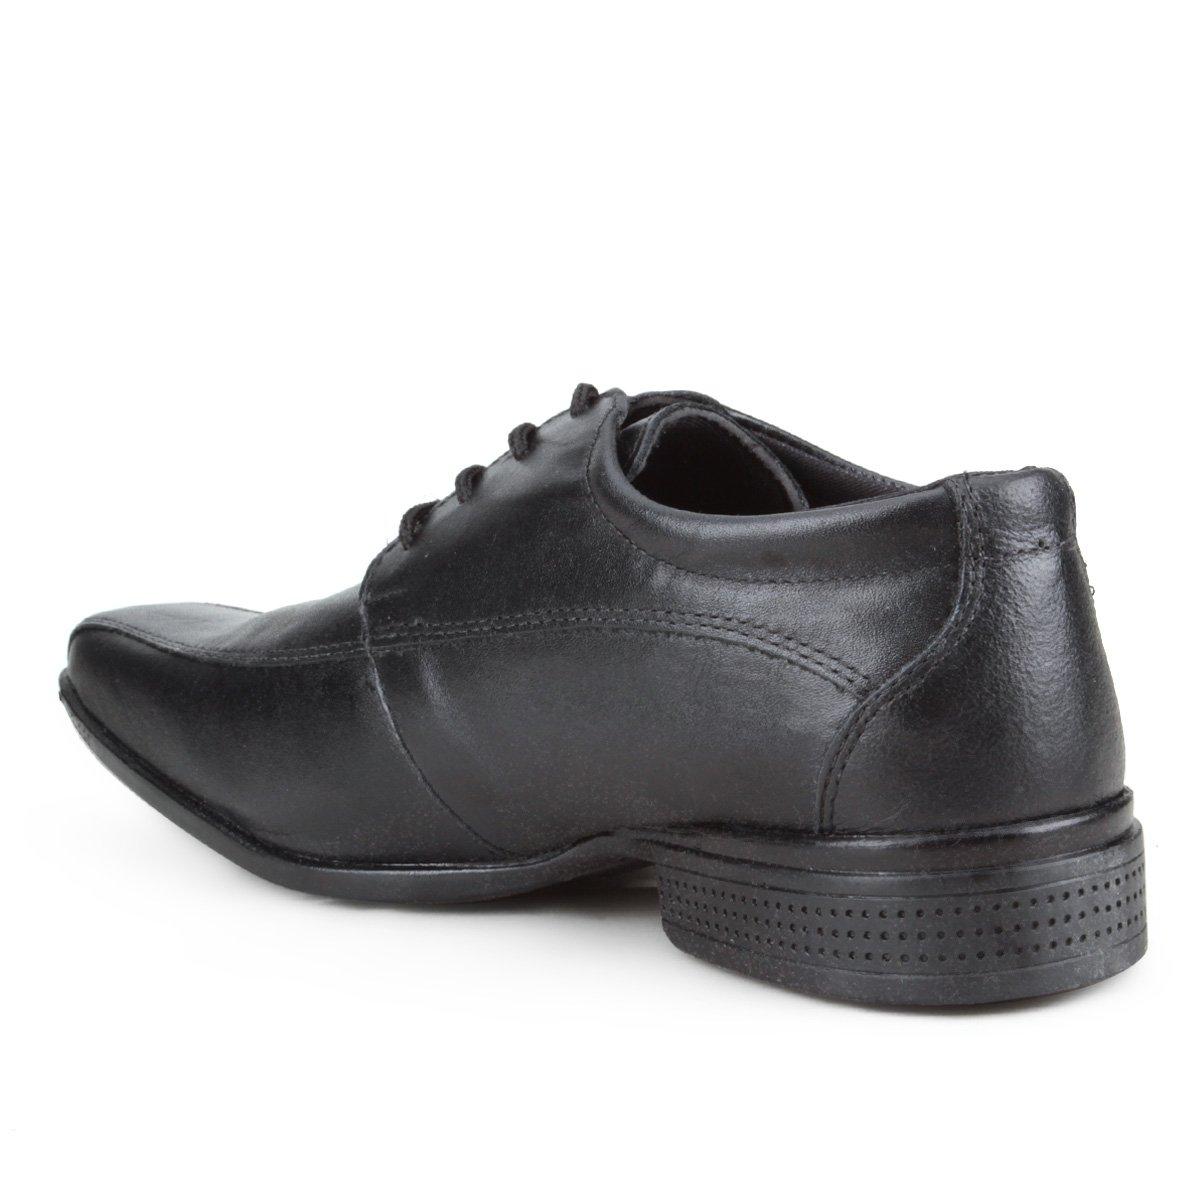 Quadrado Quadrado Preto Couro Couro Bico Sapato Walkabout Sapato Walkabout Social Sapato Preto Bico Social Social Couro fw6CxRRqa